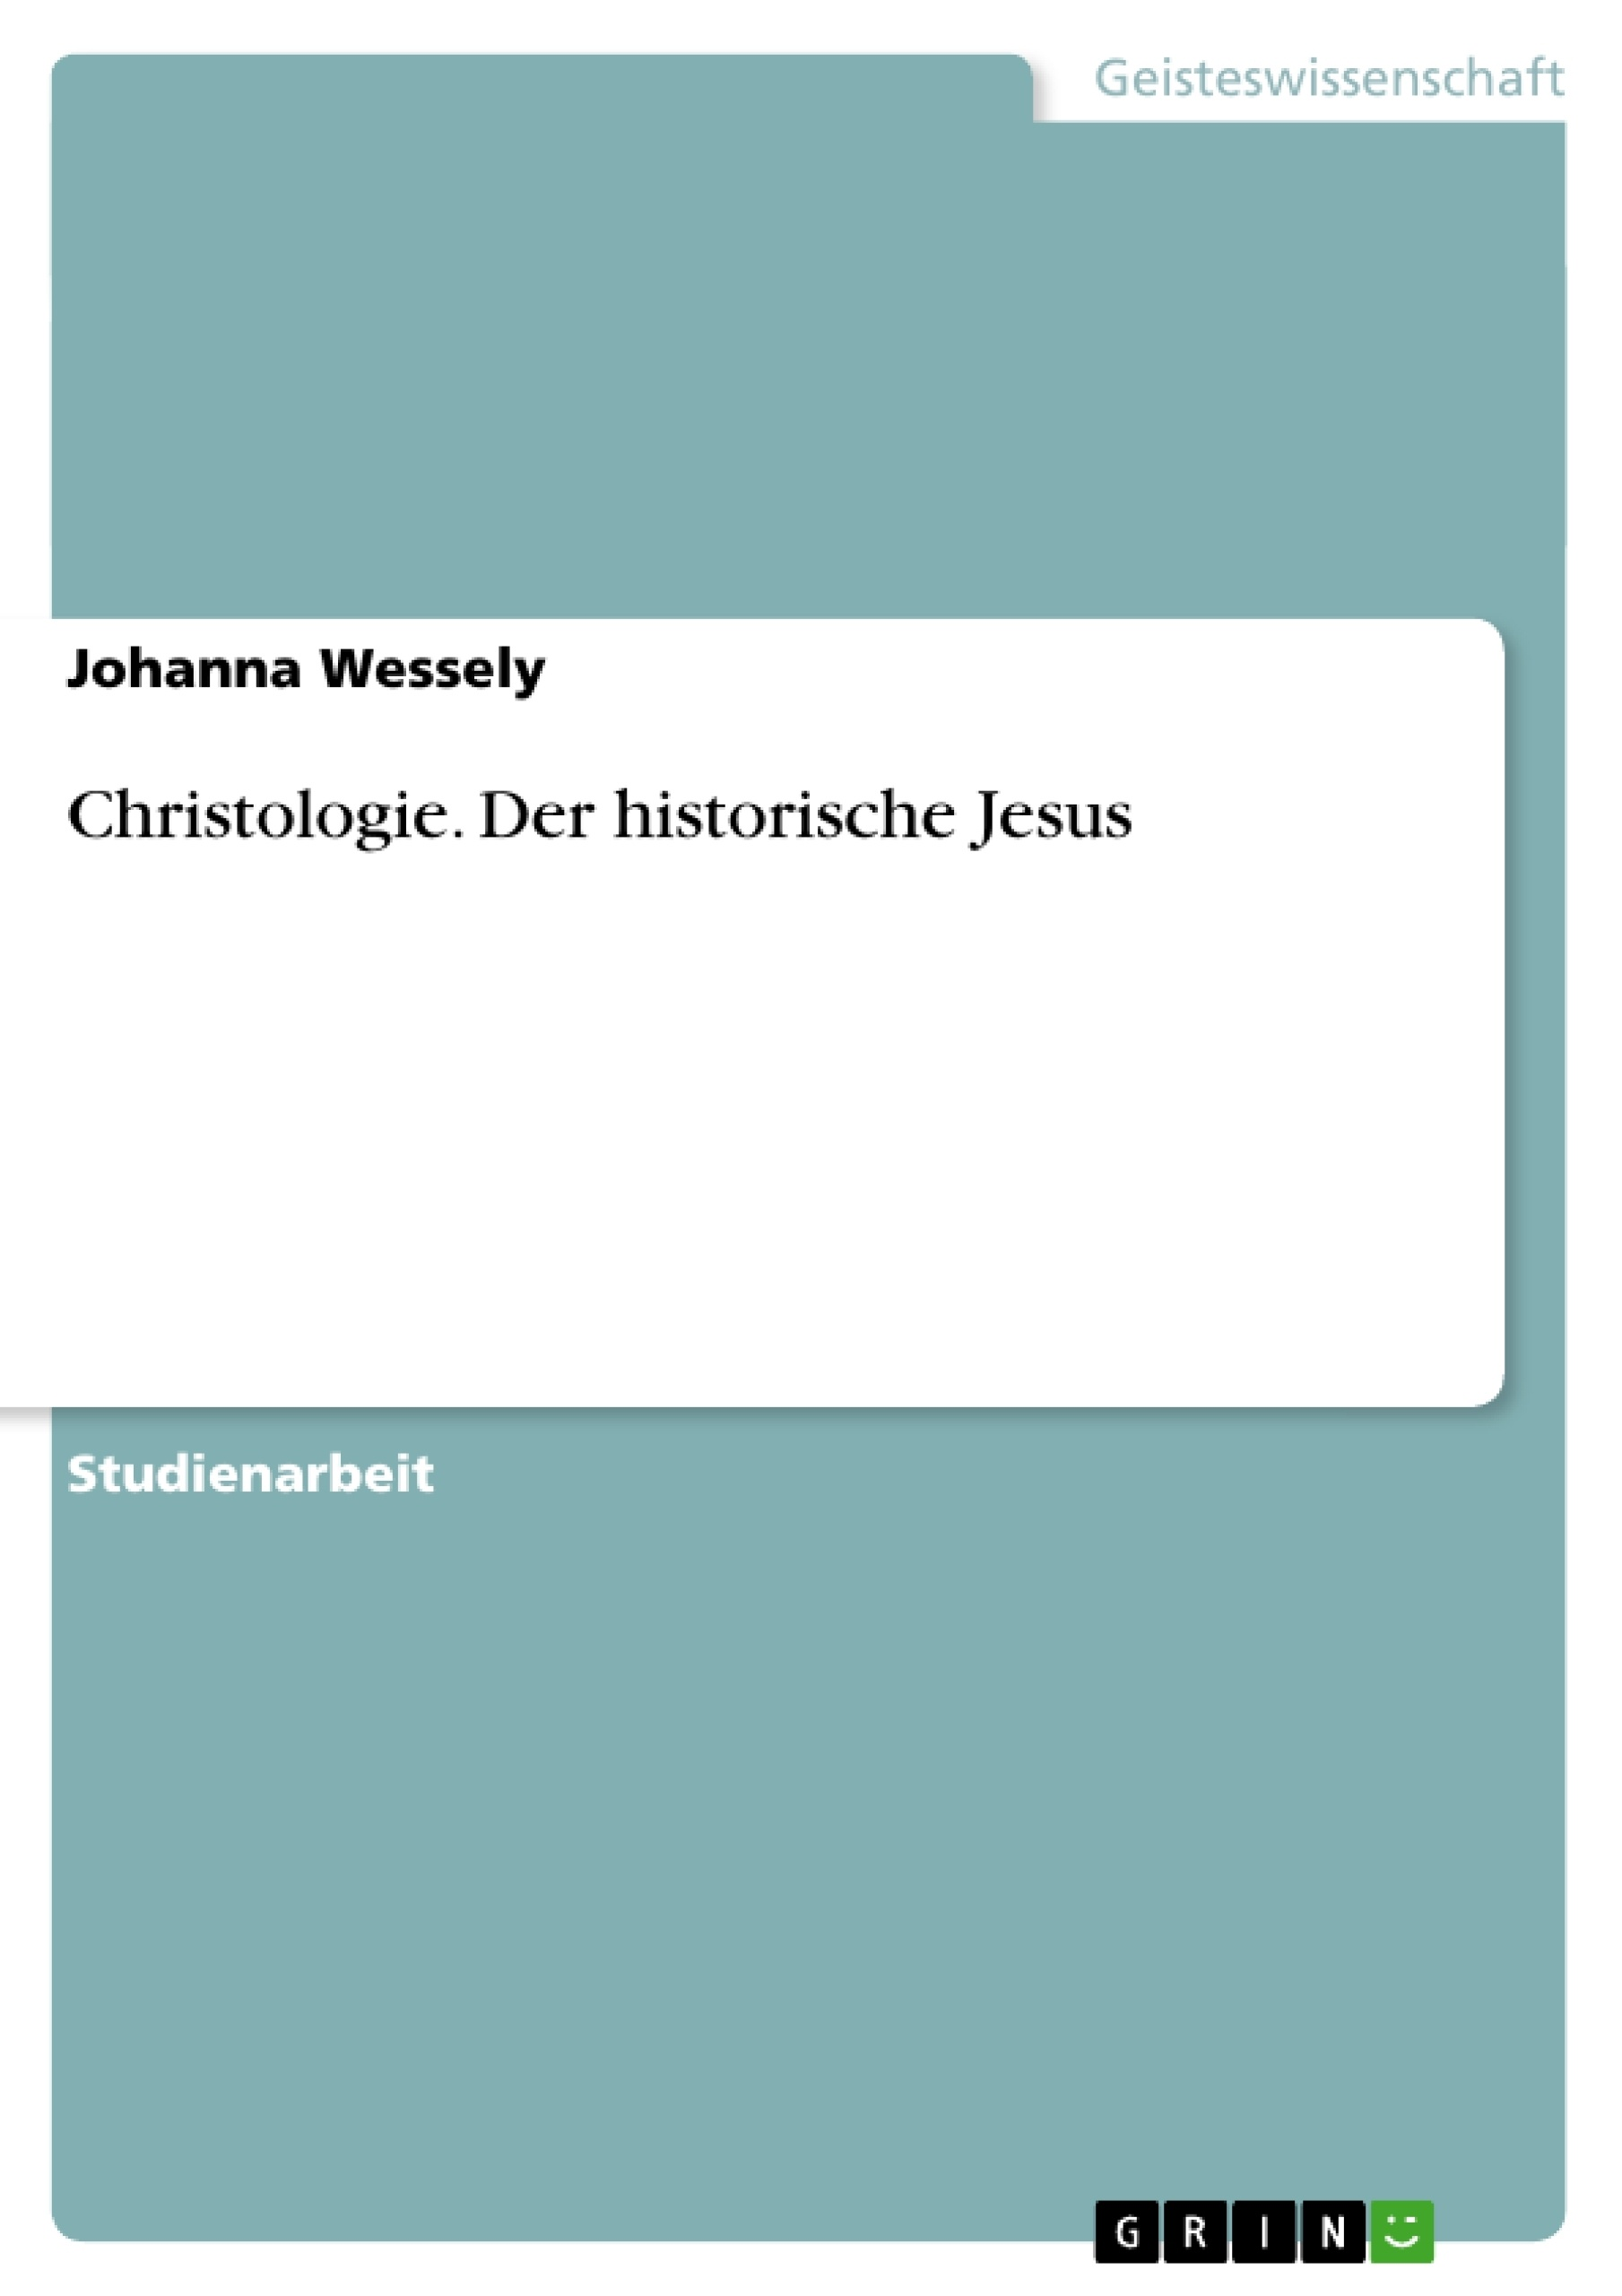 Titel: Christologie. Der historische Jesus